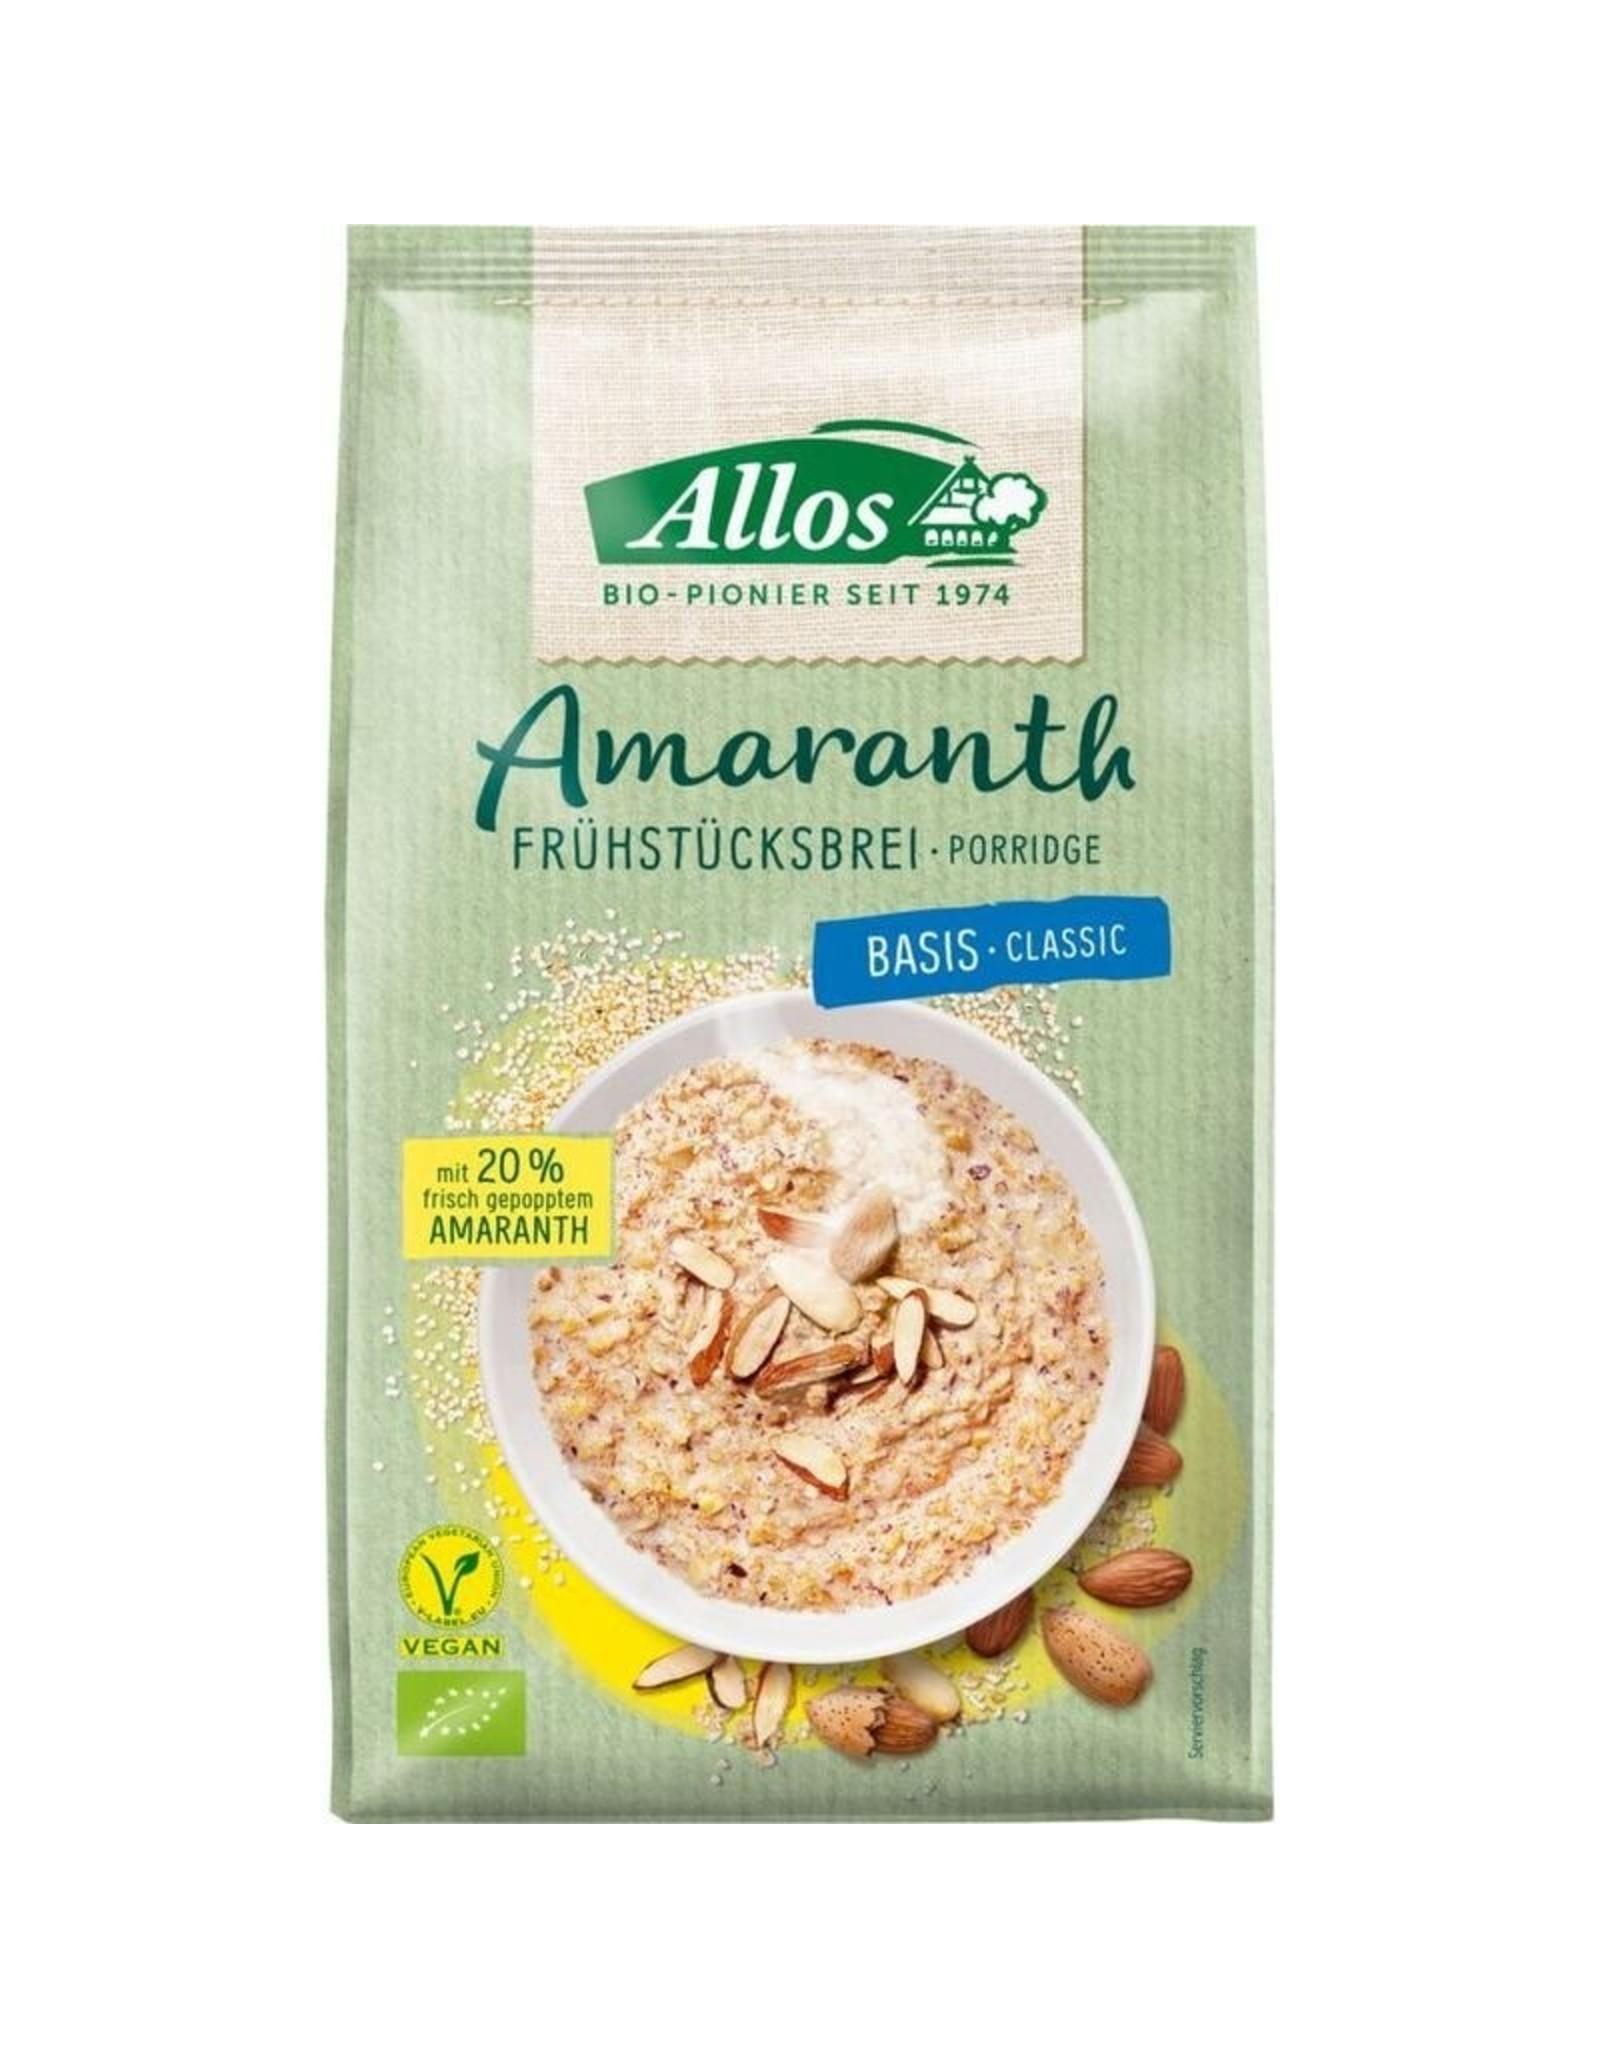 Allos Amaranth Frühstücksbrei Basis 400g